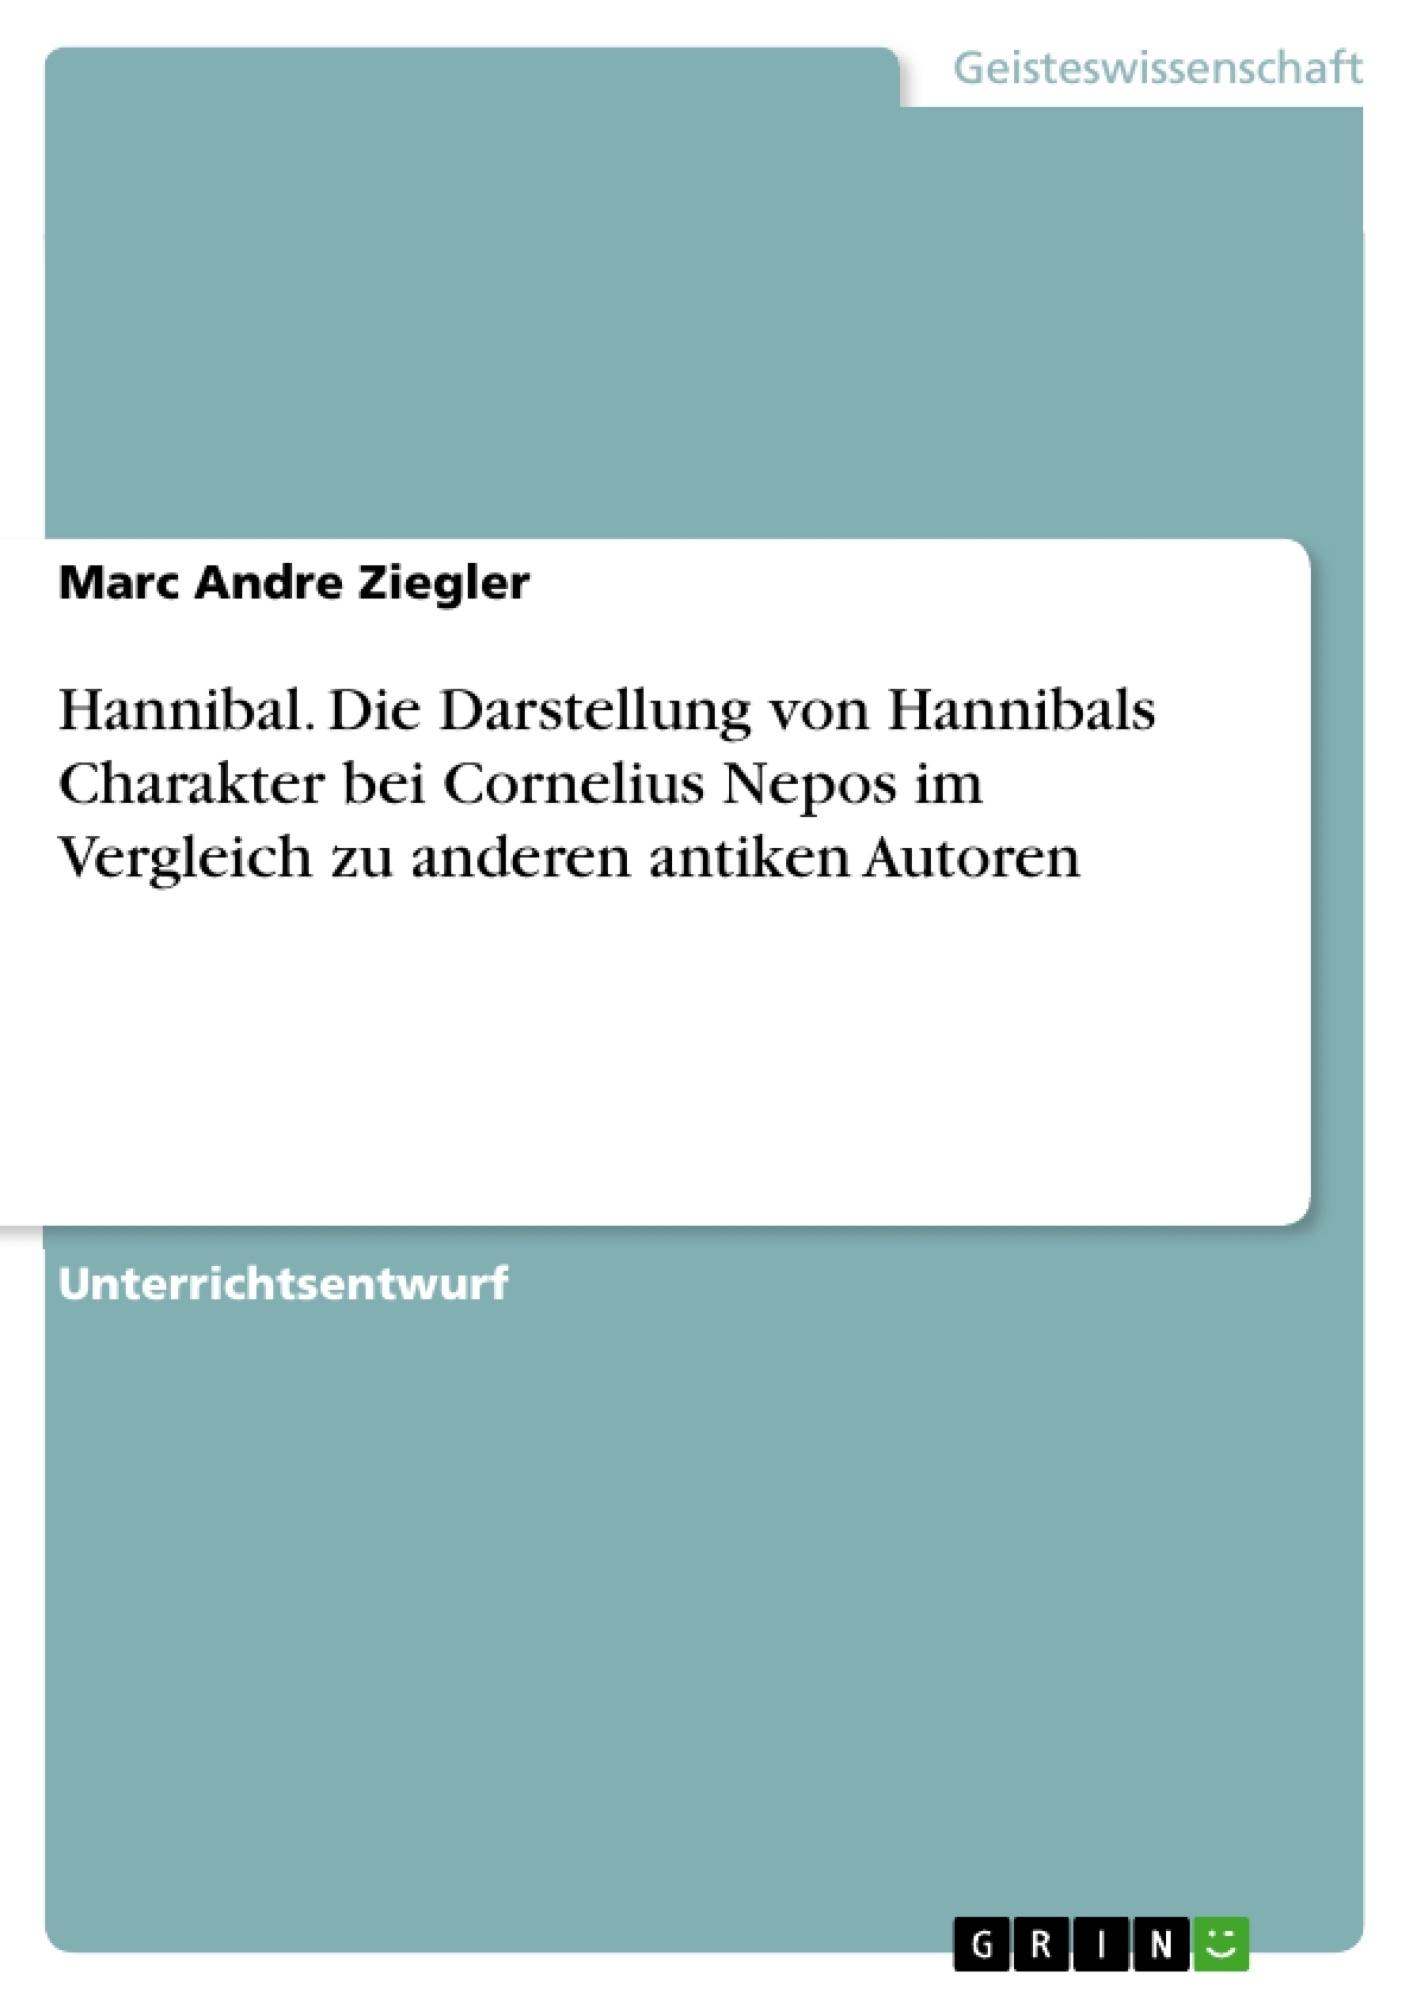 Titel: Hannibal. Die Darstellung von Hannibals Charakter bei Cornelius Nepos im Vergleich zu anderen antiken Autoren